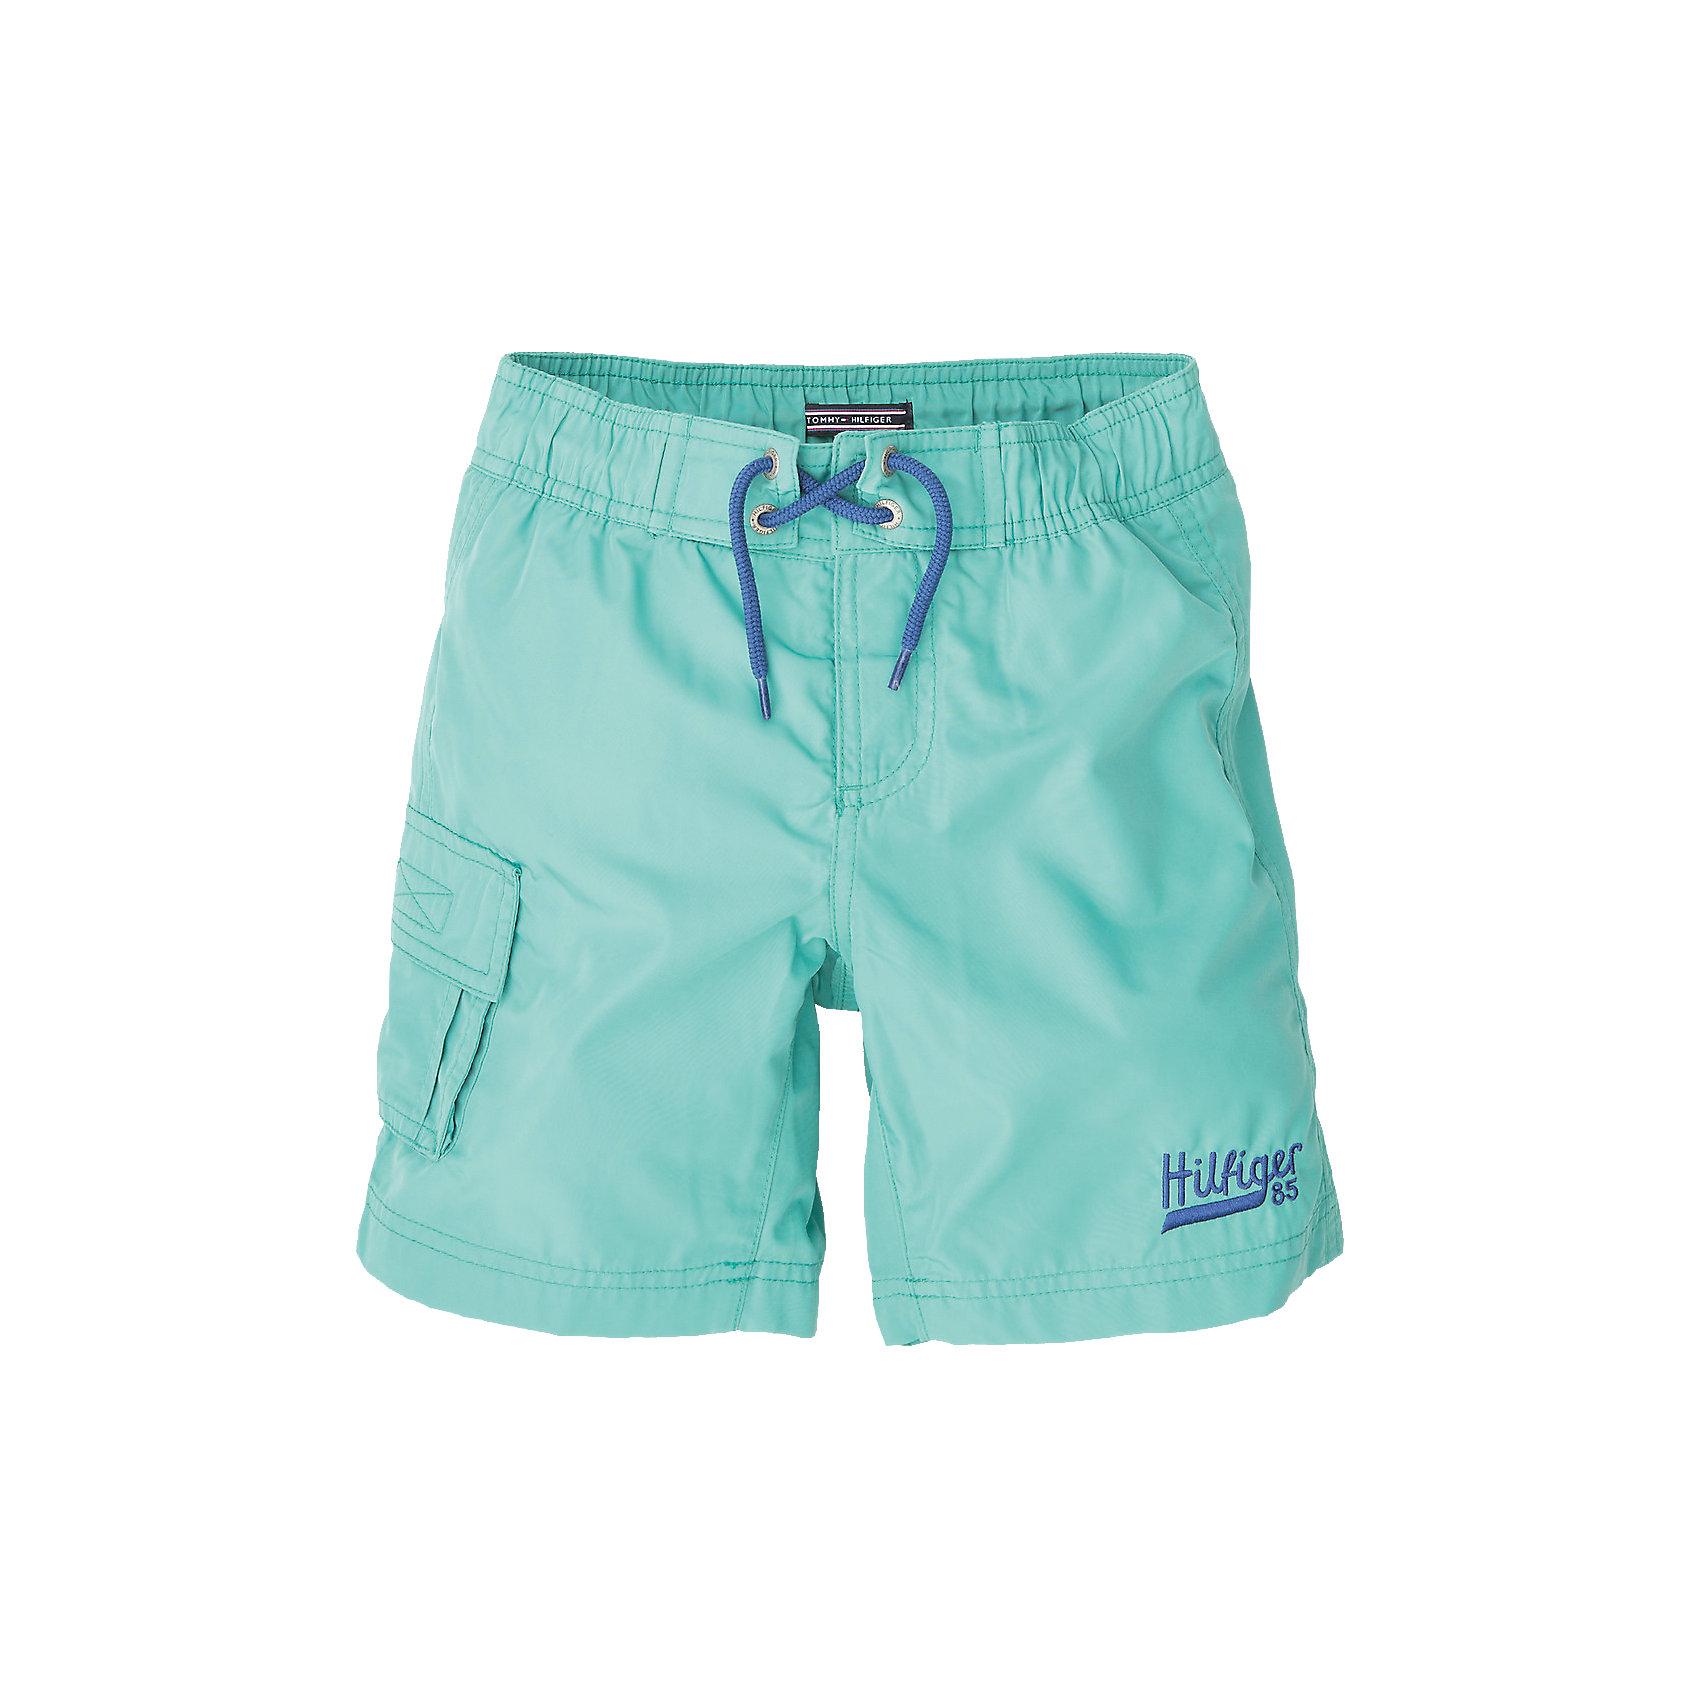 Плавательные шорты для мальчика Tommy HilfigerКупальники и плавки<br>Плавательные шорты для мальчика Tommy Hilfiger. Состав: 100% полиамид<br><br>Ширина мм: 183<br>Глубина мм: 60<br>Высота мм: 135<br>Вес г: 119<br>Цвет: голубой<br>Возраст от месяцев: 60<br>Возраст до месяцев: 72<br>Пол: Мужской<br>Возраст: Детский<br>Размер: 116,140,176,164,152,128,122<br>SKU: 4025387